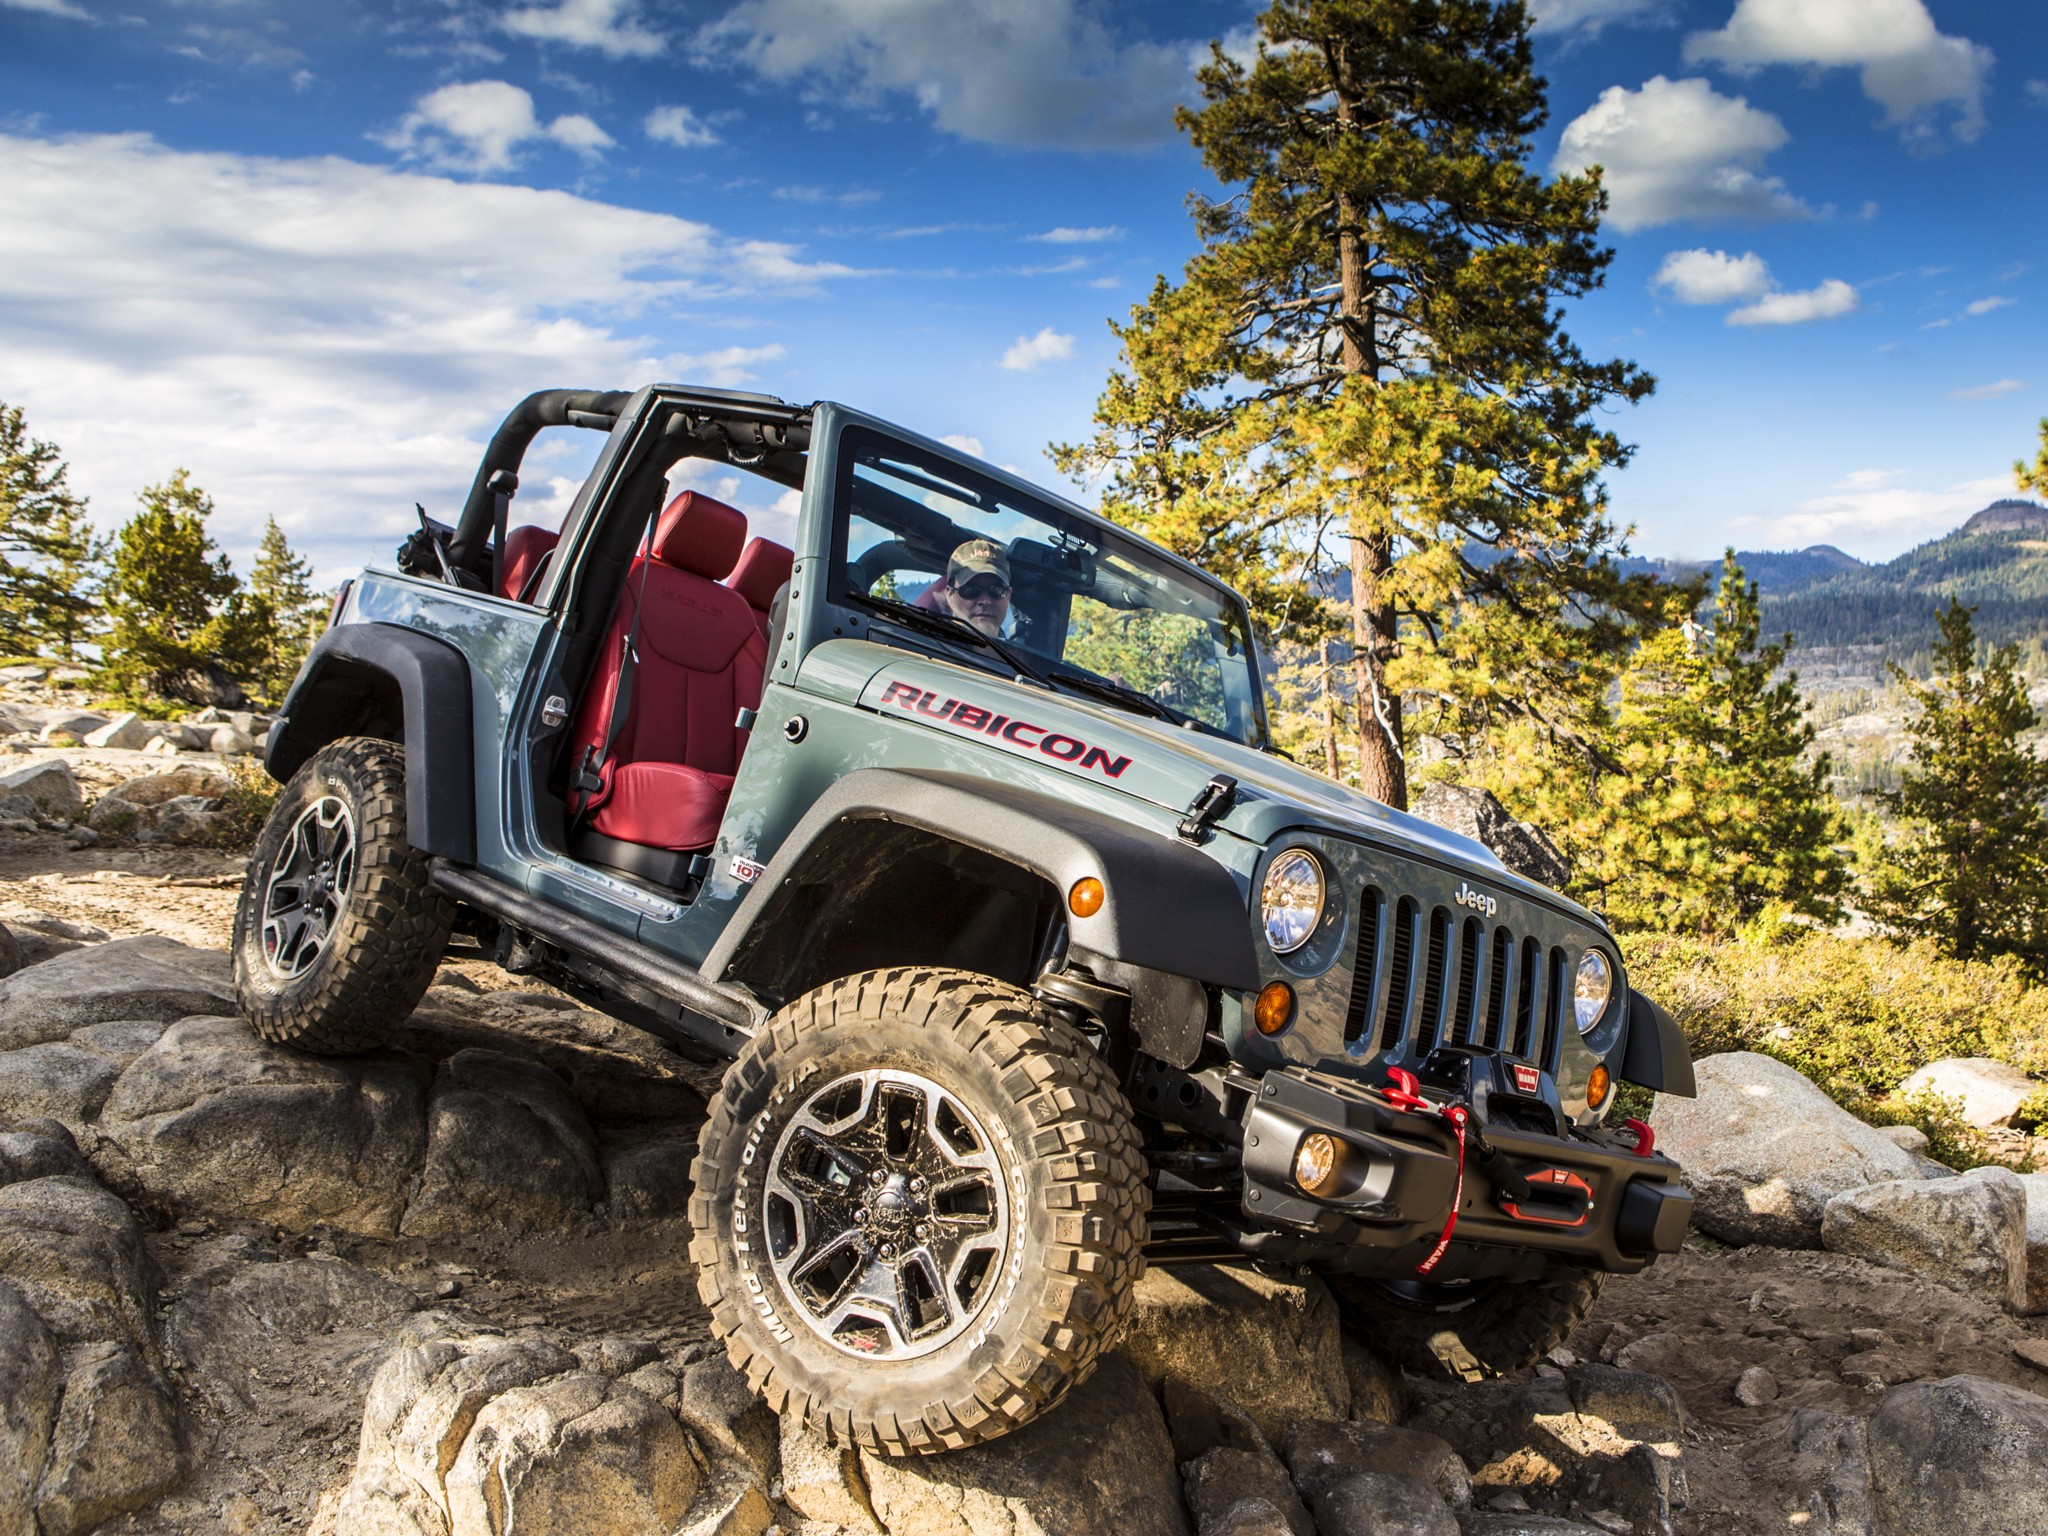 2013 Jeep Wrangler Rubicon 10th 4x4 Offroad Wallpaper